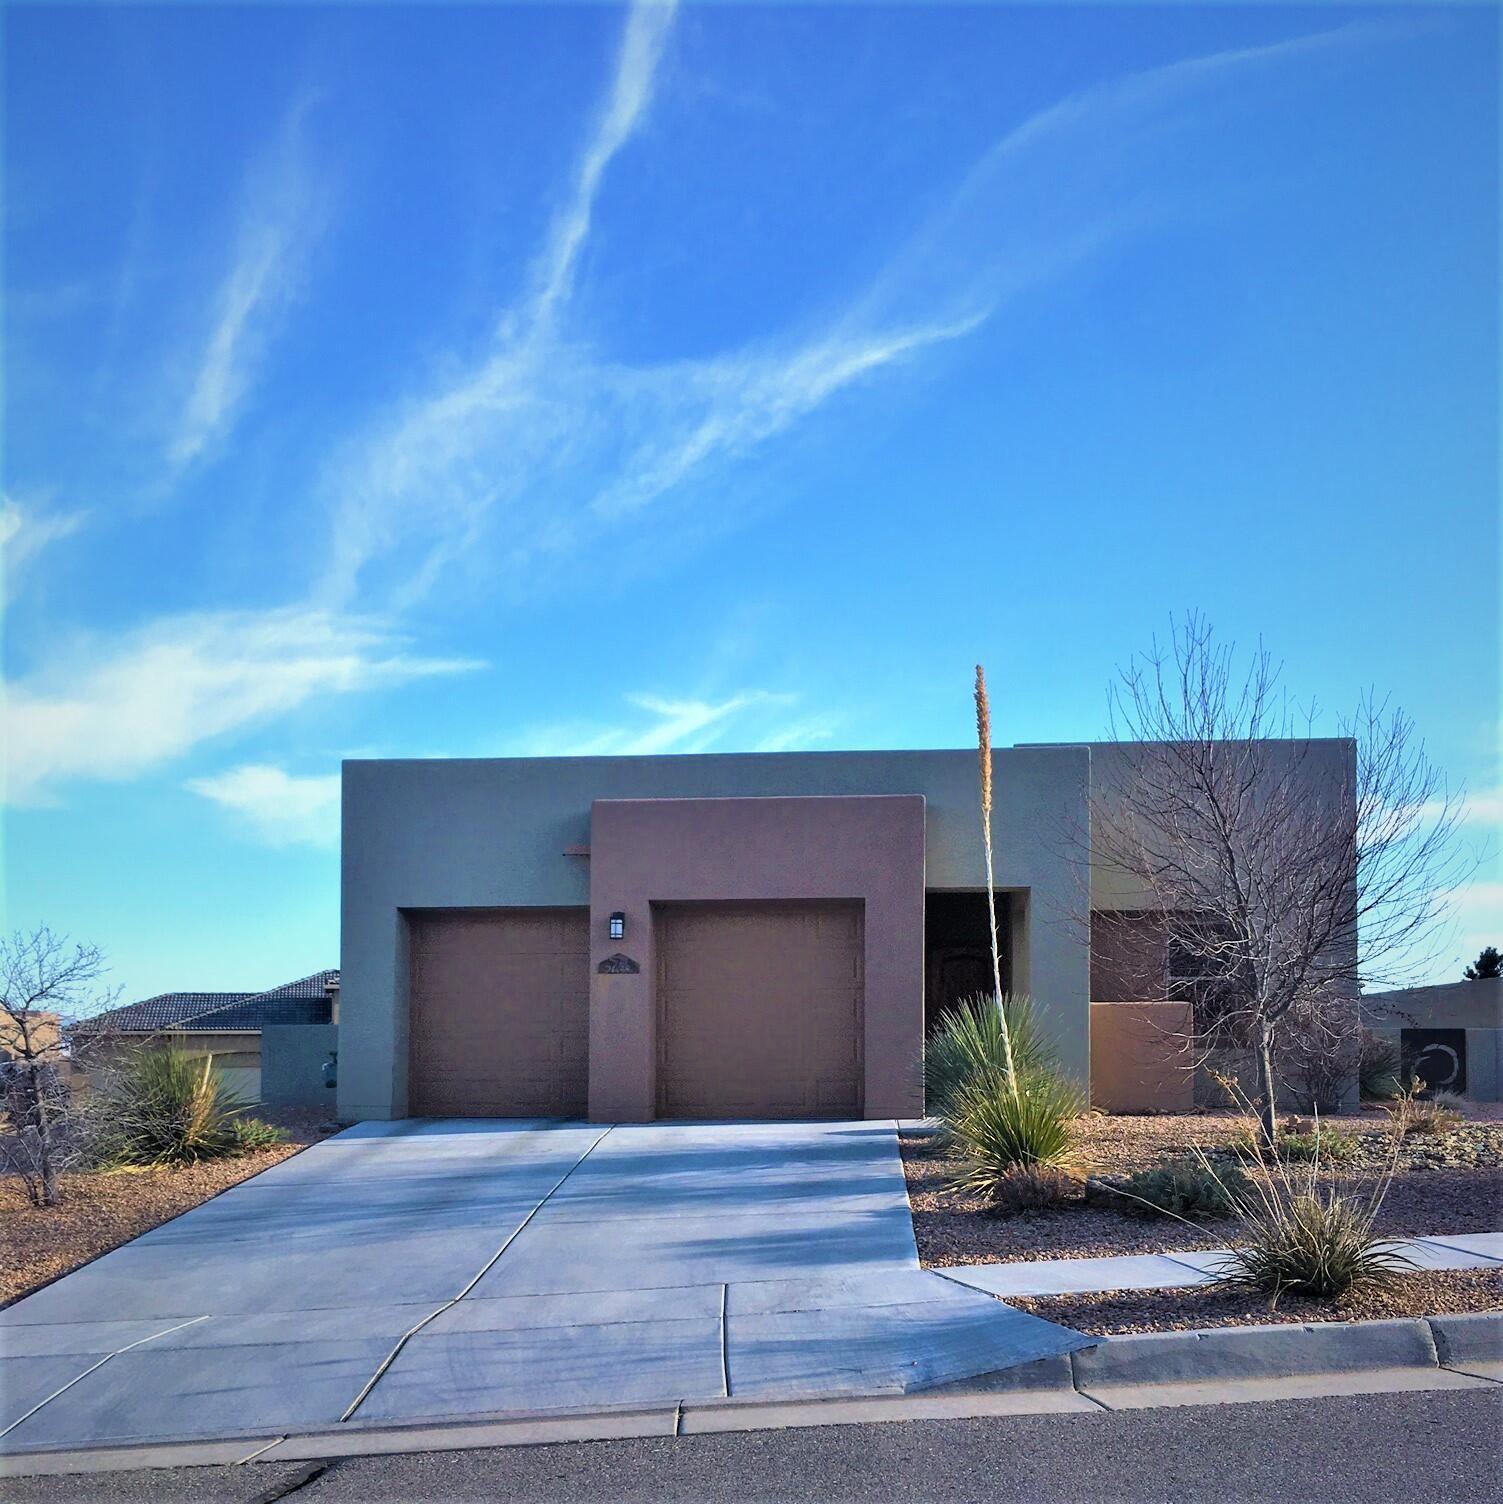 2638 REDONDO SANTA FE NE, Rio Rancho, NM 87144 - MLS#: 982865